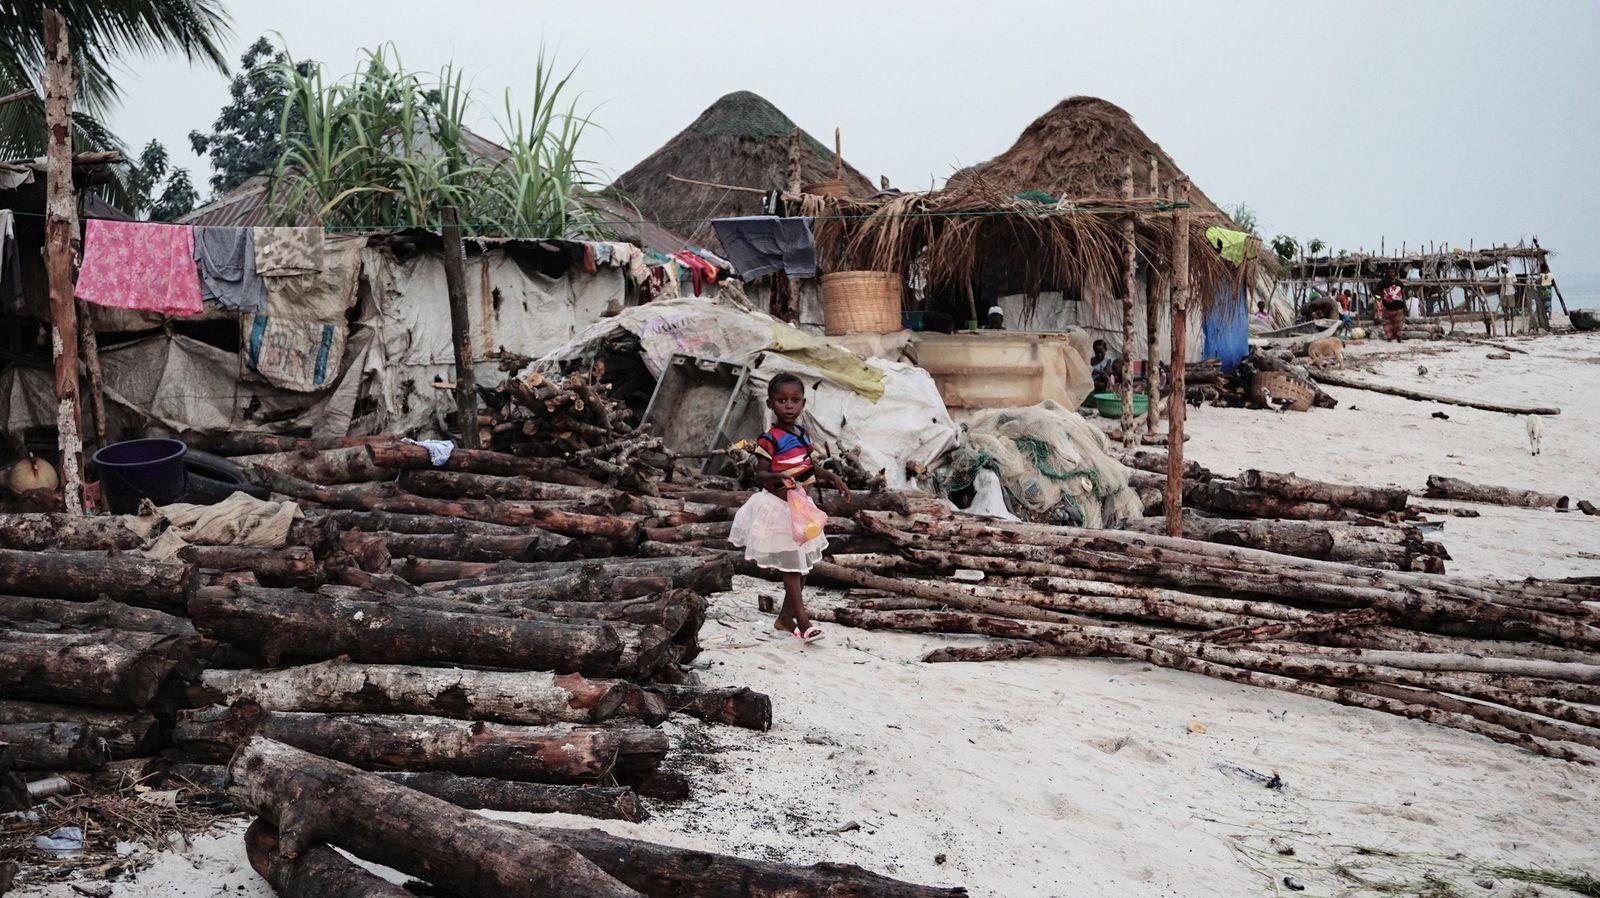 Ein Mädchen steht zwischen gestapeltem Feuerholz - Saidu Bah